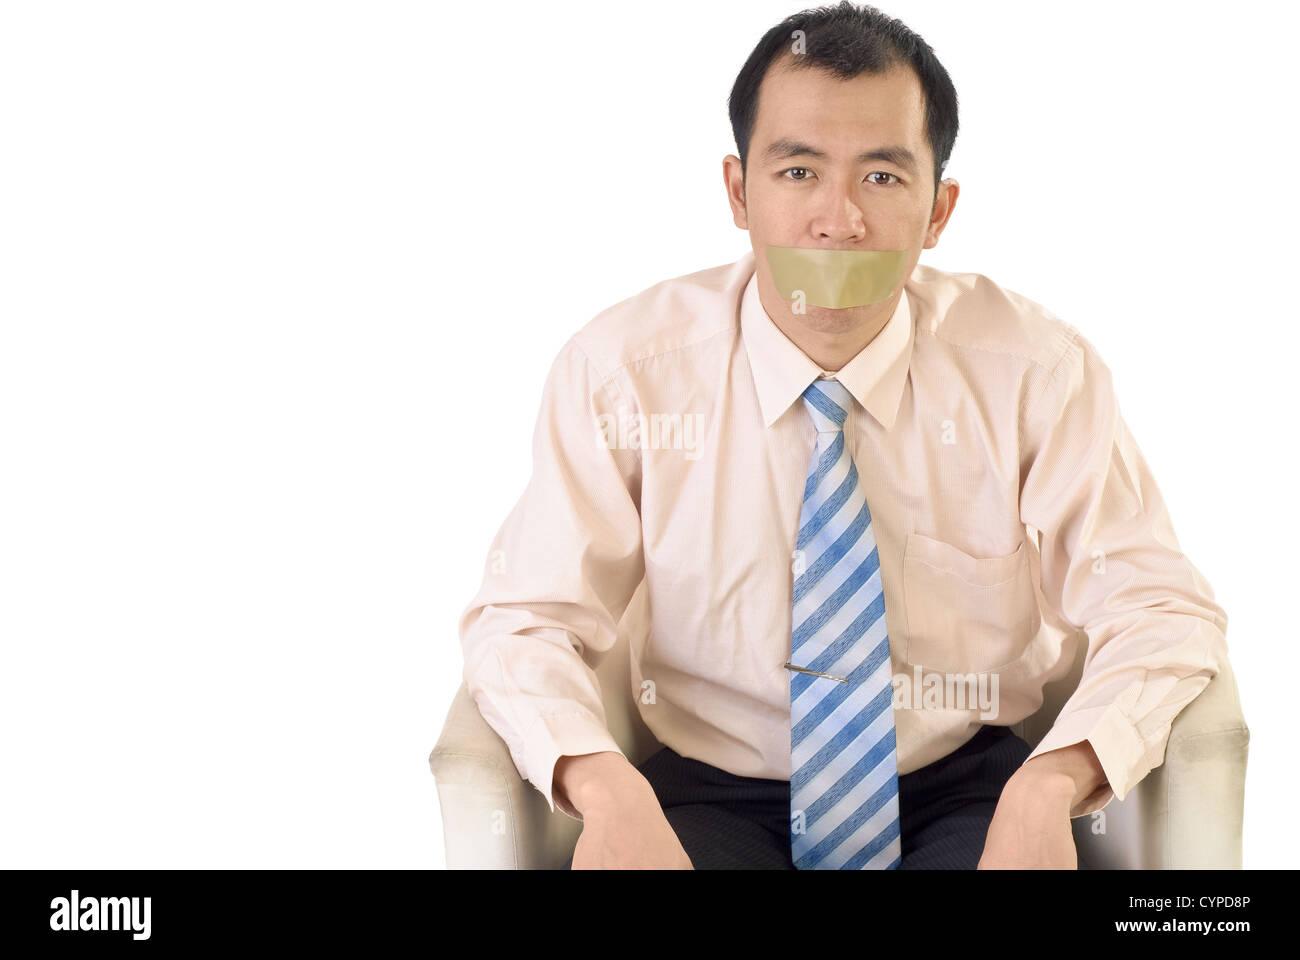 Imprenditore silenzioso con nastro adesivo sulla bocca a sedersi su sfondo bianco. Immagini Stock